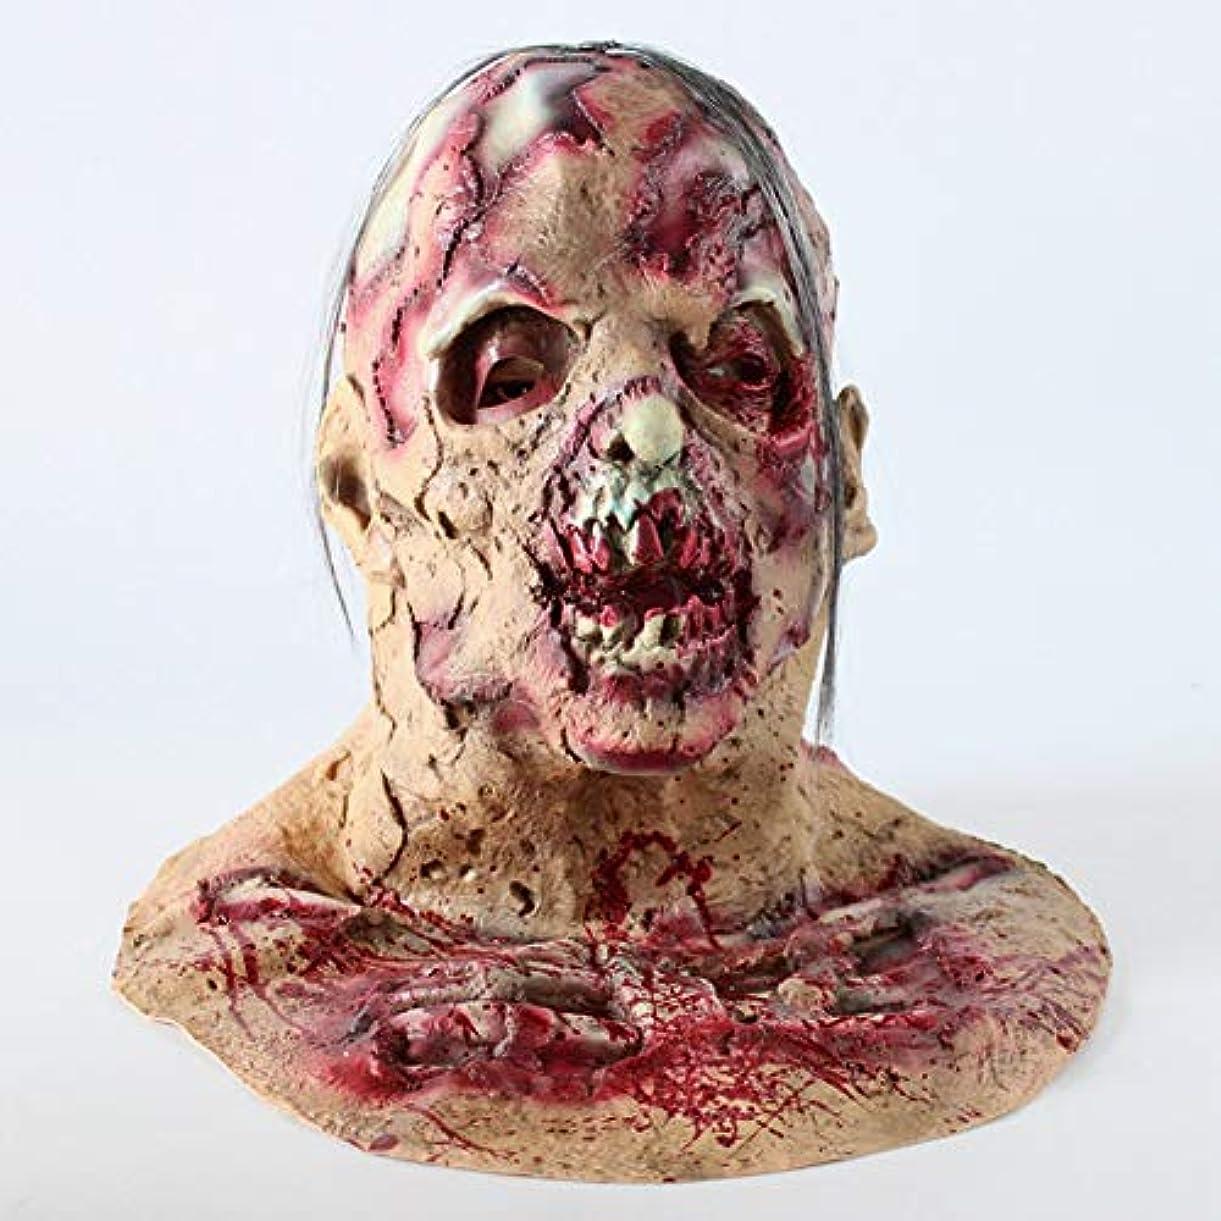 別のポジションいつでもハロウィーンホラーマスク、嫌なゾンビマスク、バイオハザードヘッドマスク、パーティー仮装ラテックスマスク